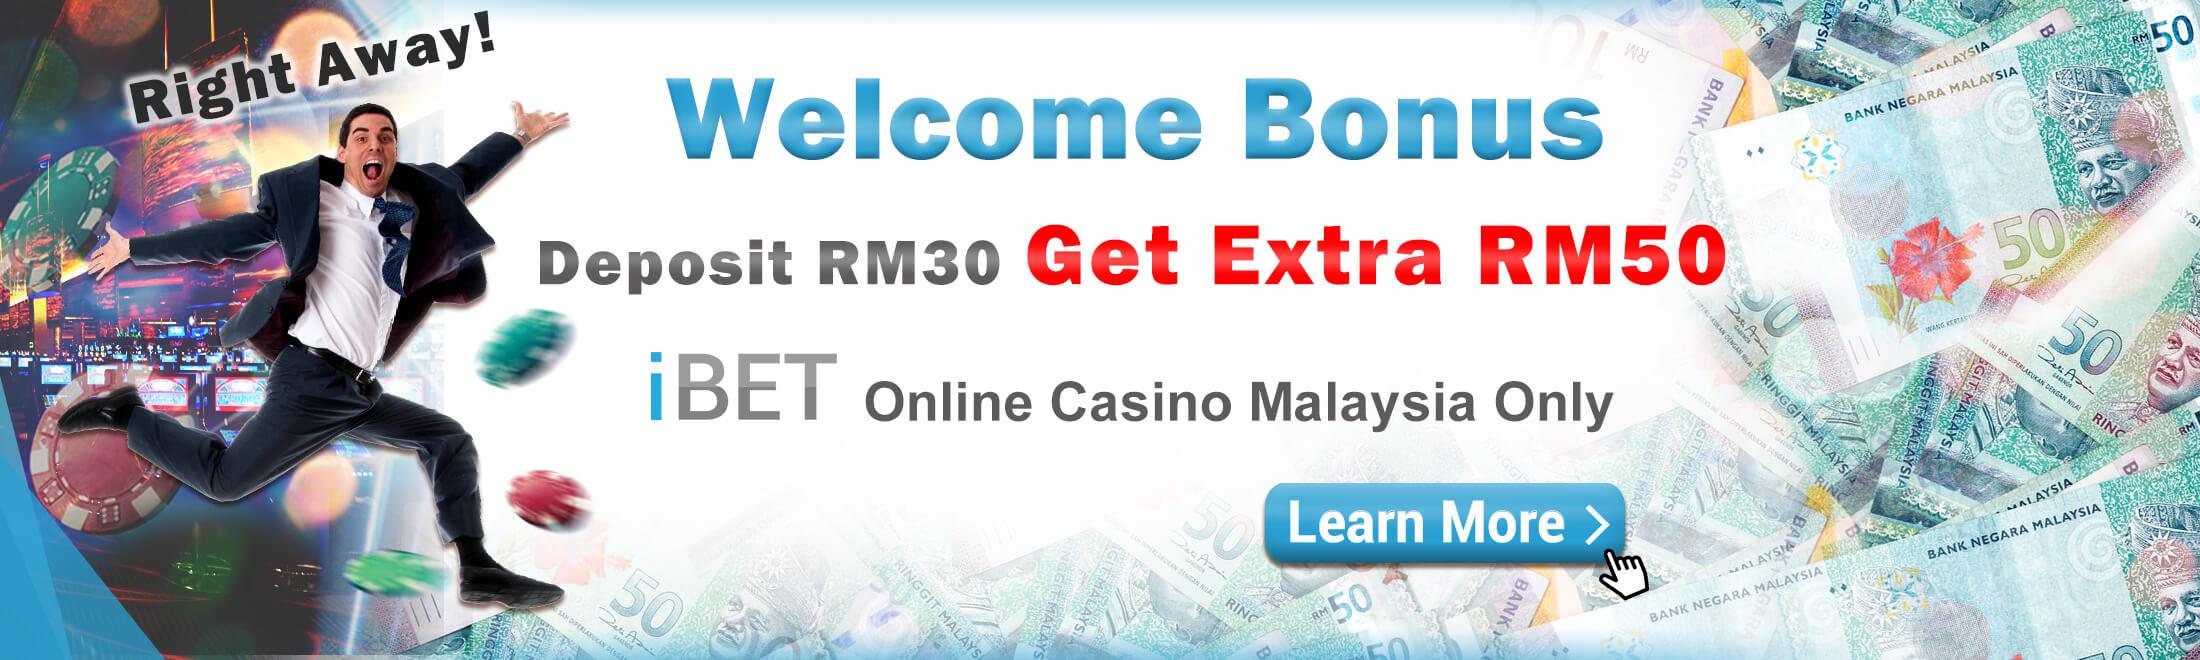 iBET Online Casino Rebate Deposit Promotion 30 Free 50